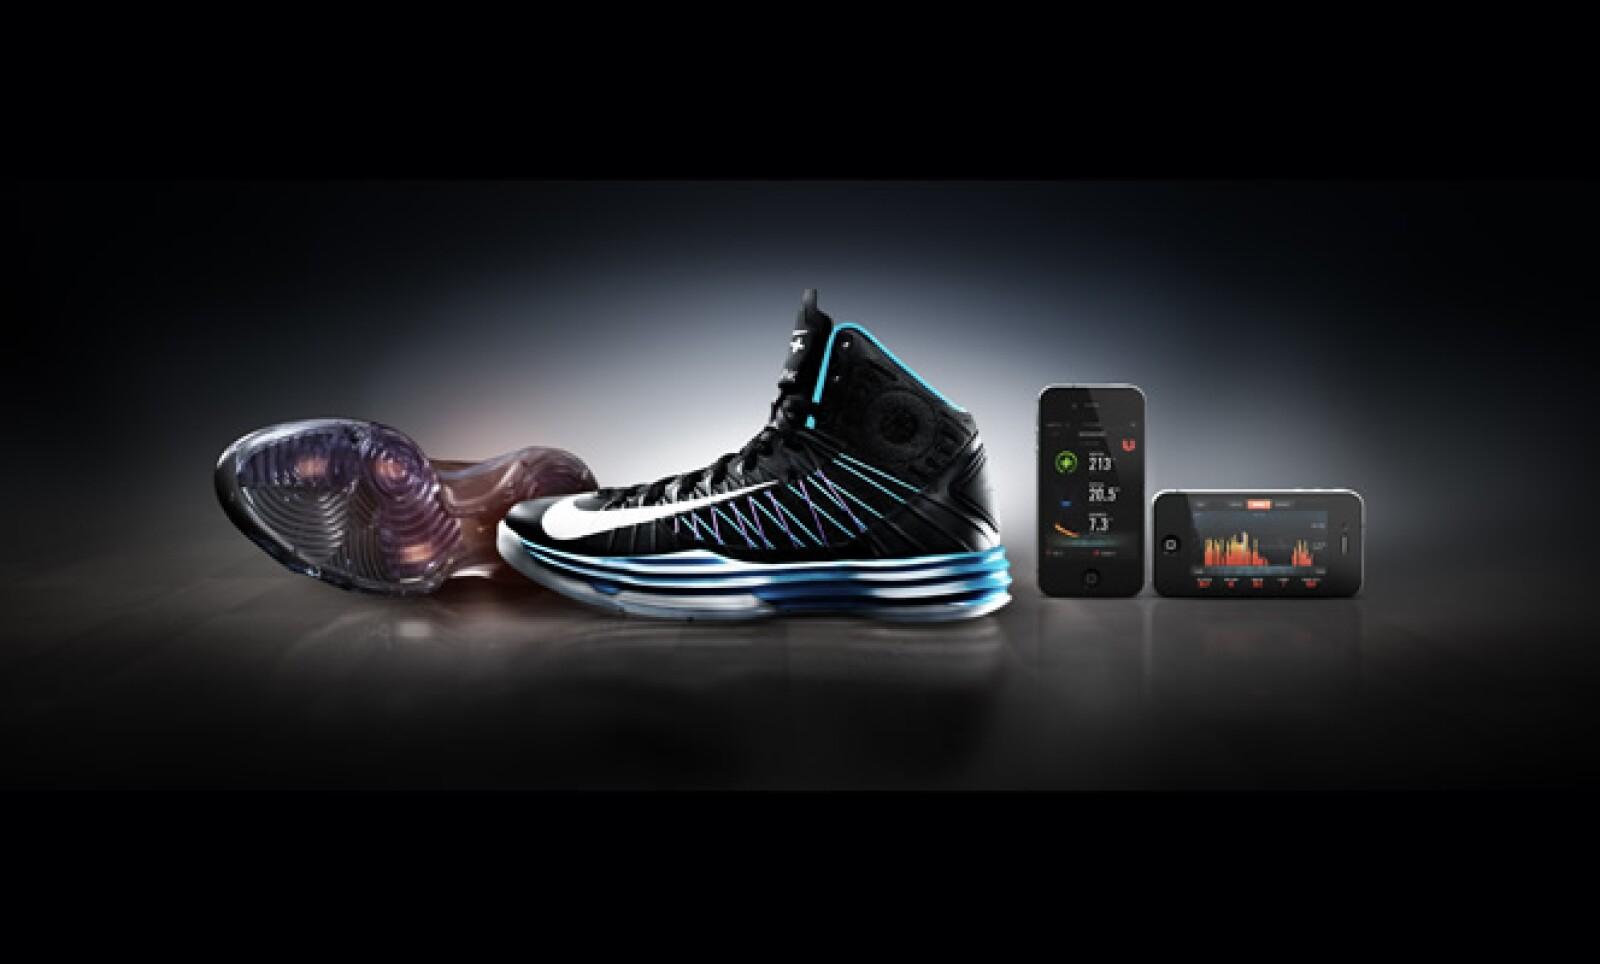 Estas zapatillas deportivas estarán disponibles este semestre en México.